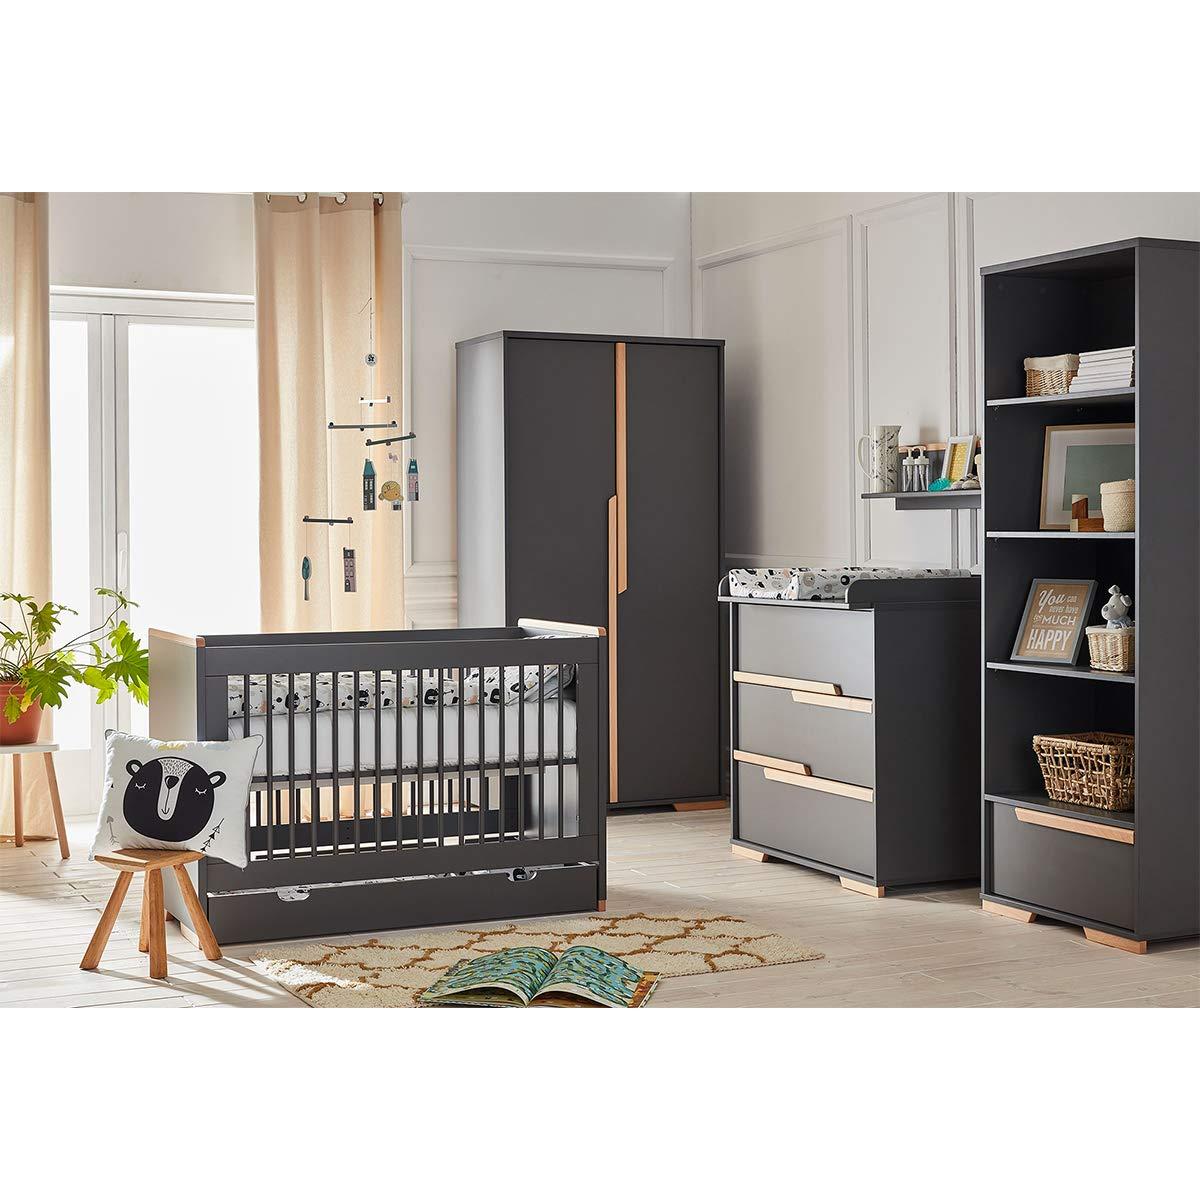 Chambre bébé complète pas cher lit évolutif 70x140 - commode à langer - armoire